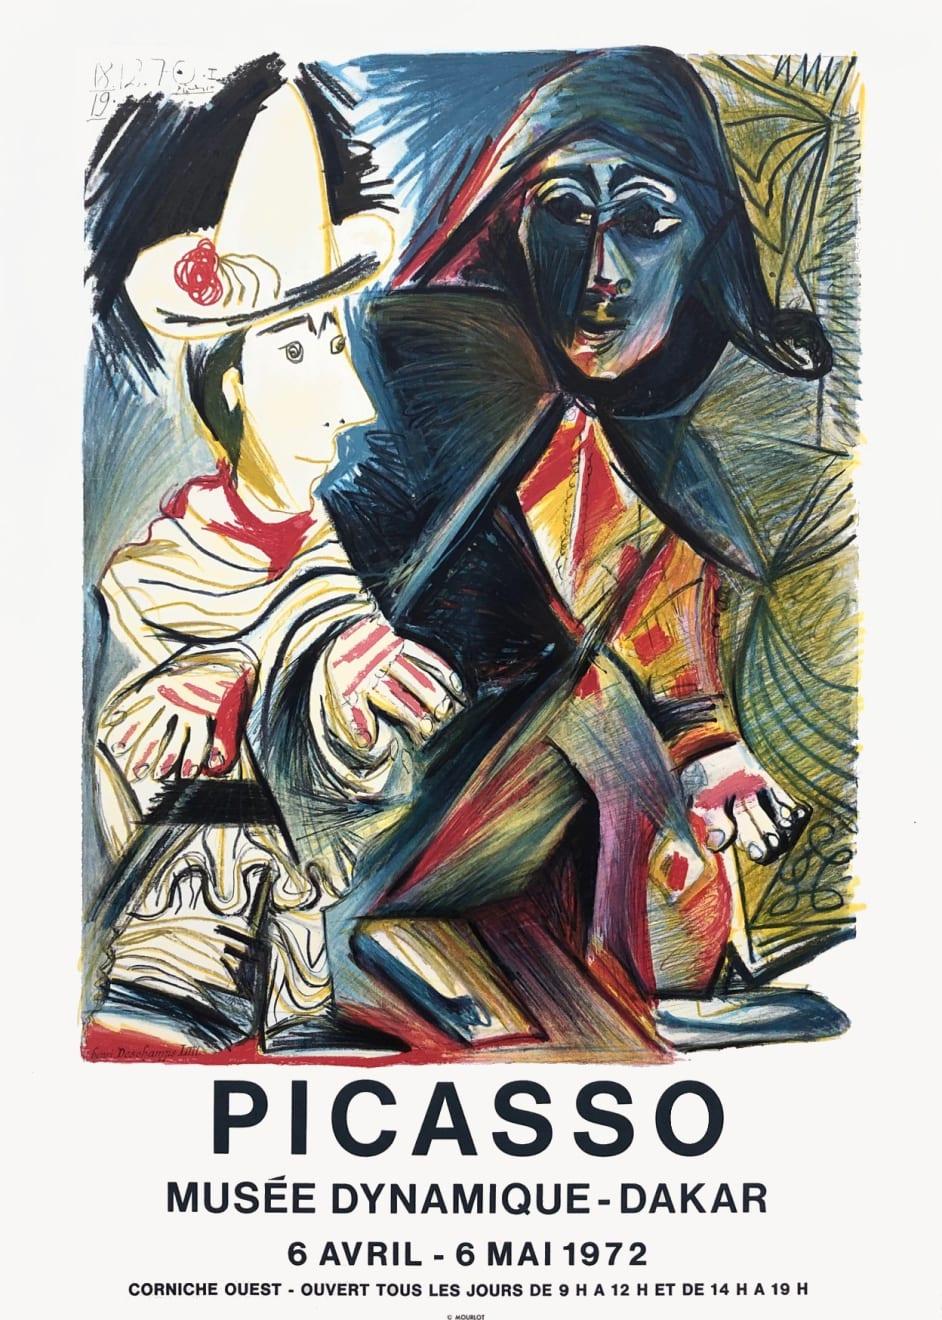 Pablo Picasso, Picasso Musée Dynamique - Dakar Exhibition Poster , 1972